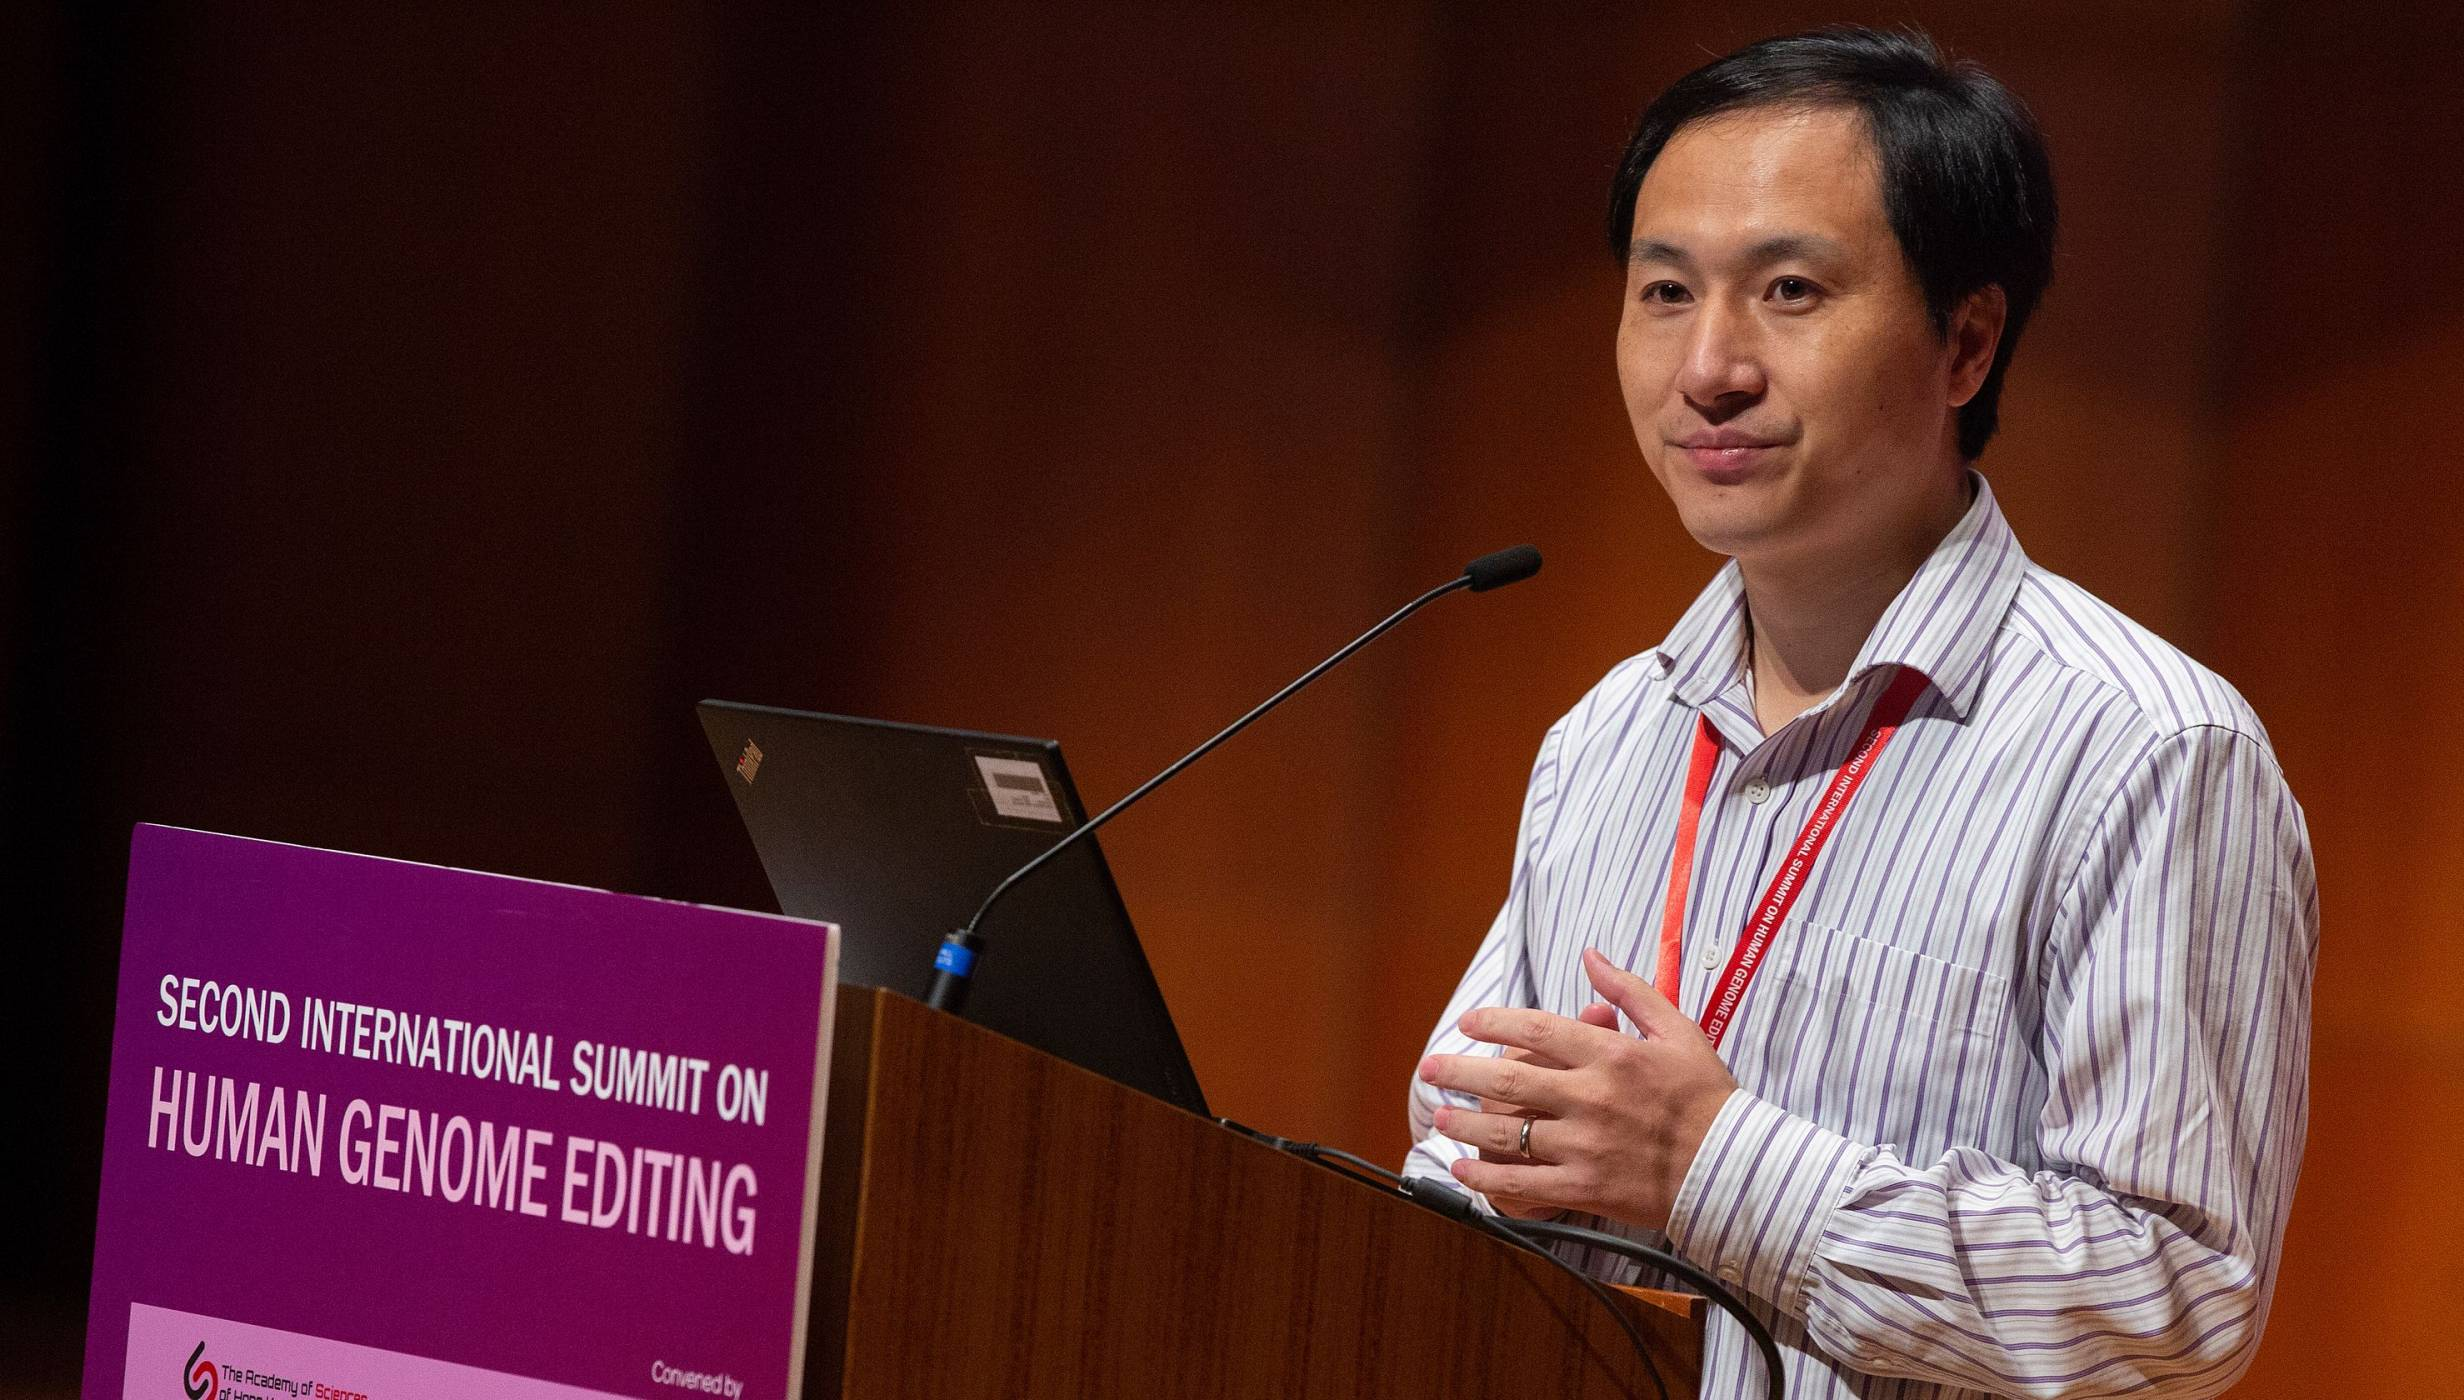 Второ генно-модифицирано бебе предстои да се роди, твърди китайски учен